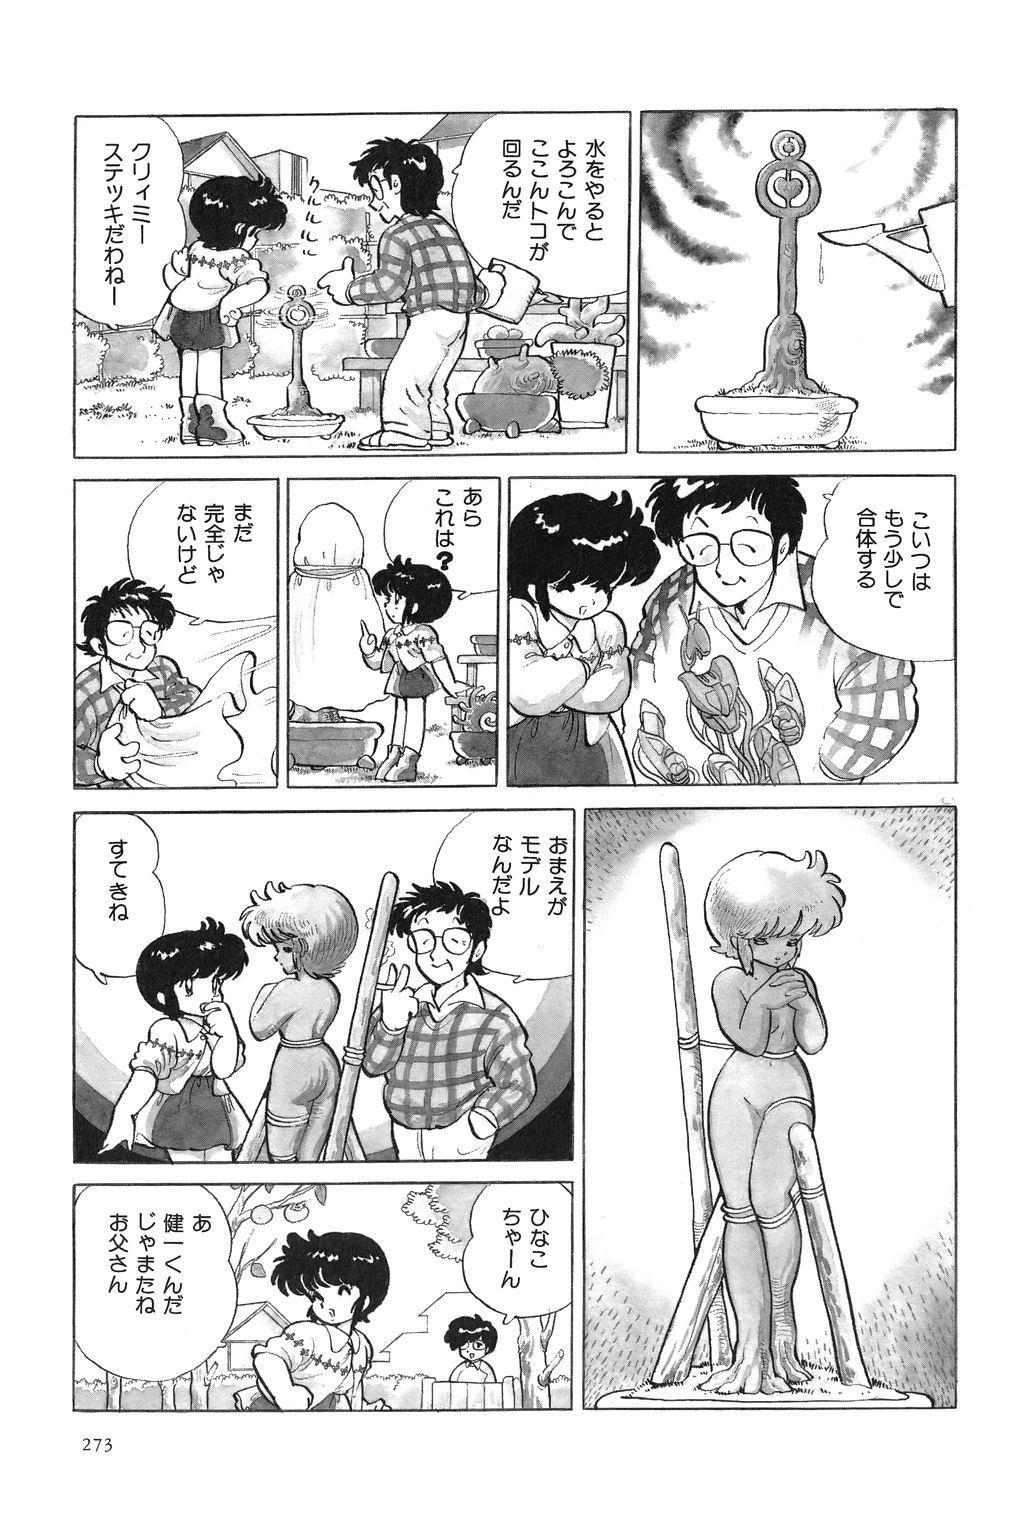 Azuma Hideo Sakuhin Shuusei - Yoru no Tobari no Naka de 274